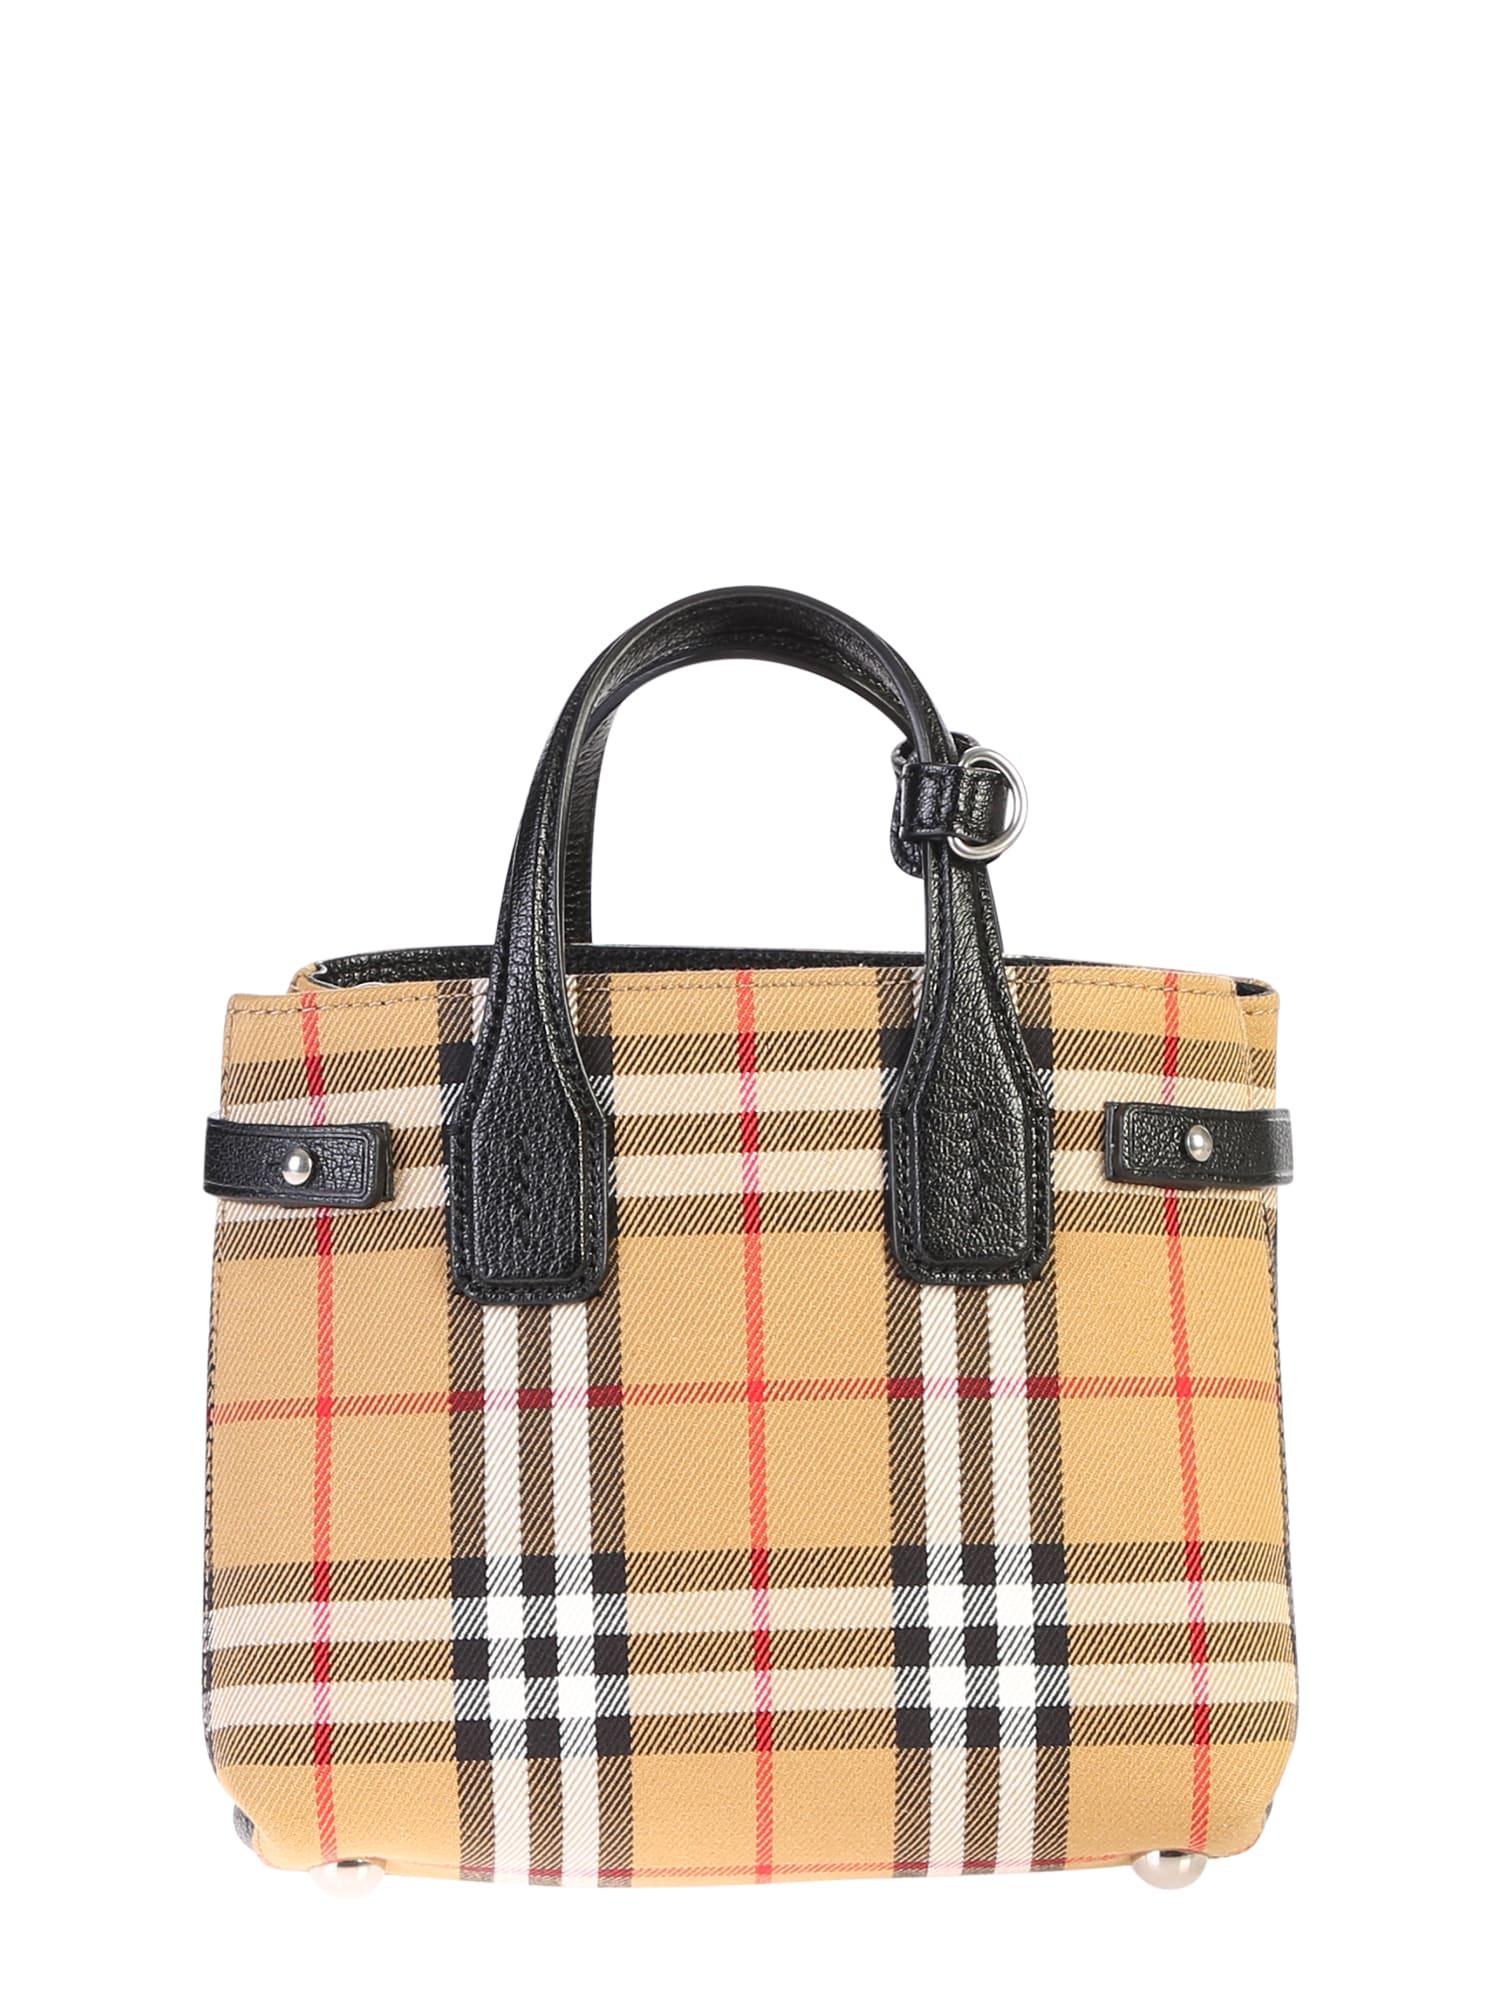 Burberry Burberry Baby Banner Bag Beige 10972119 Italist